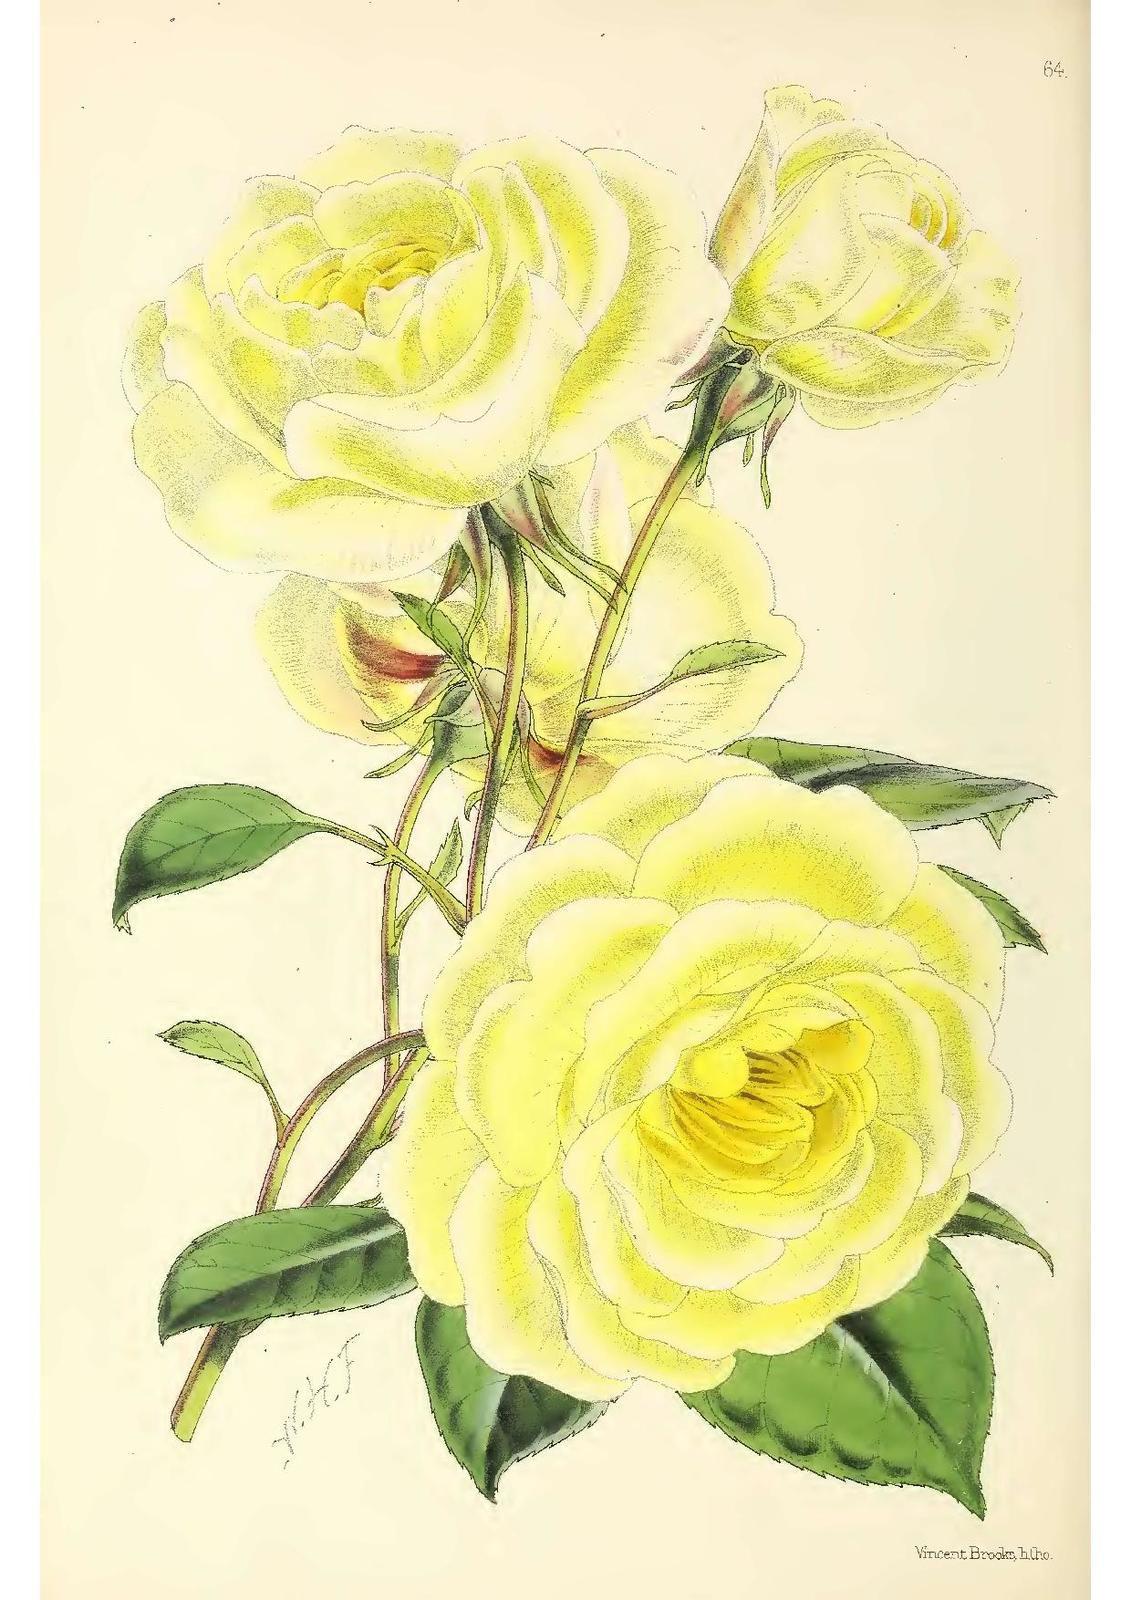 planche 64  dans Floral Magazine vol 01 de 1861